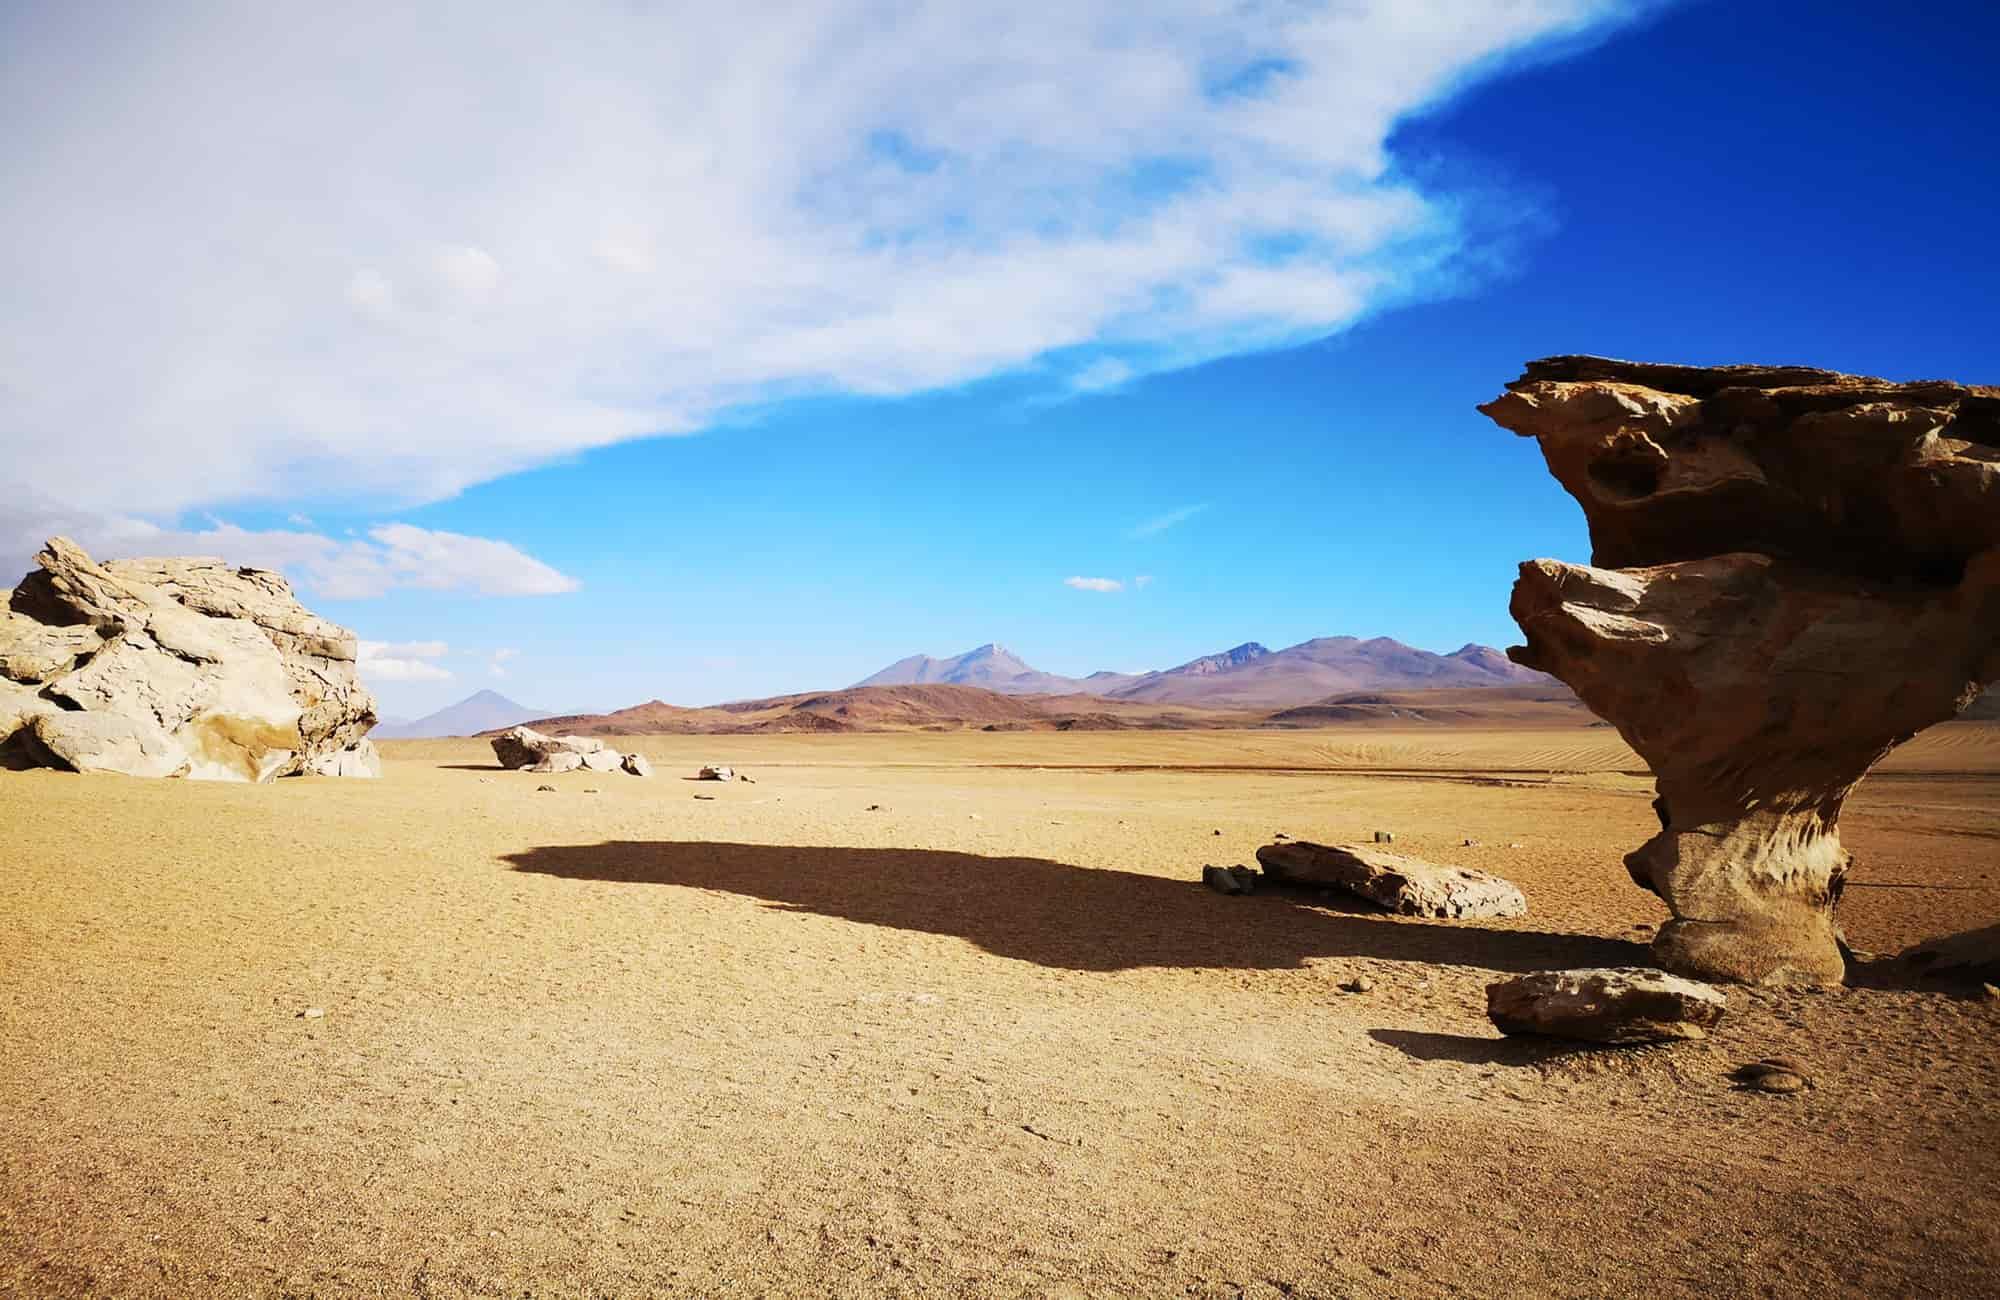 Traversez les déserts du Sud Lipez. De Siloli à Dali, admirez les structures taillées par le vent et les immensités sableuses.